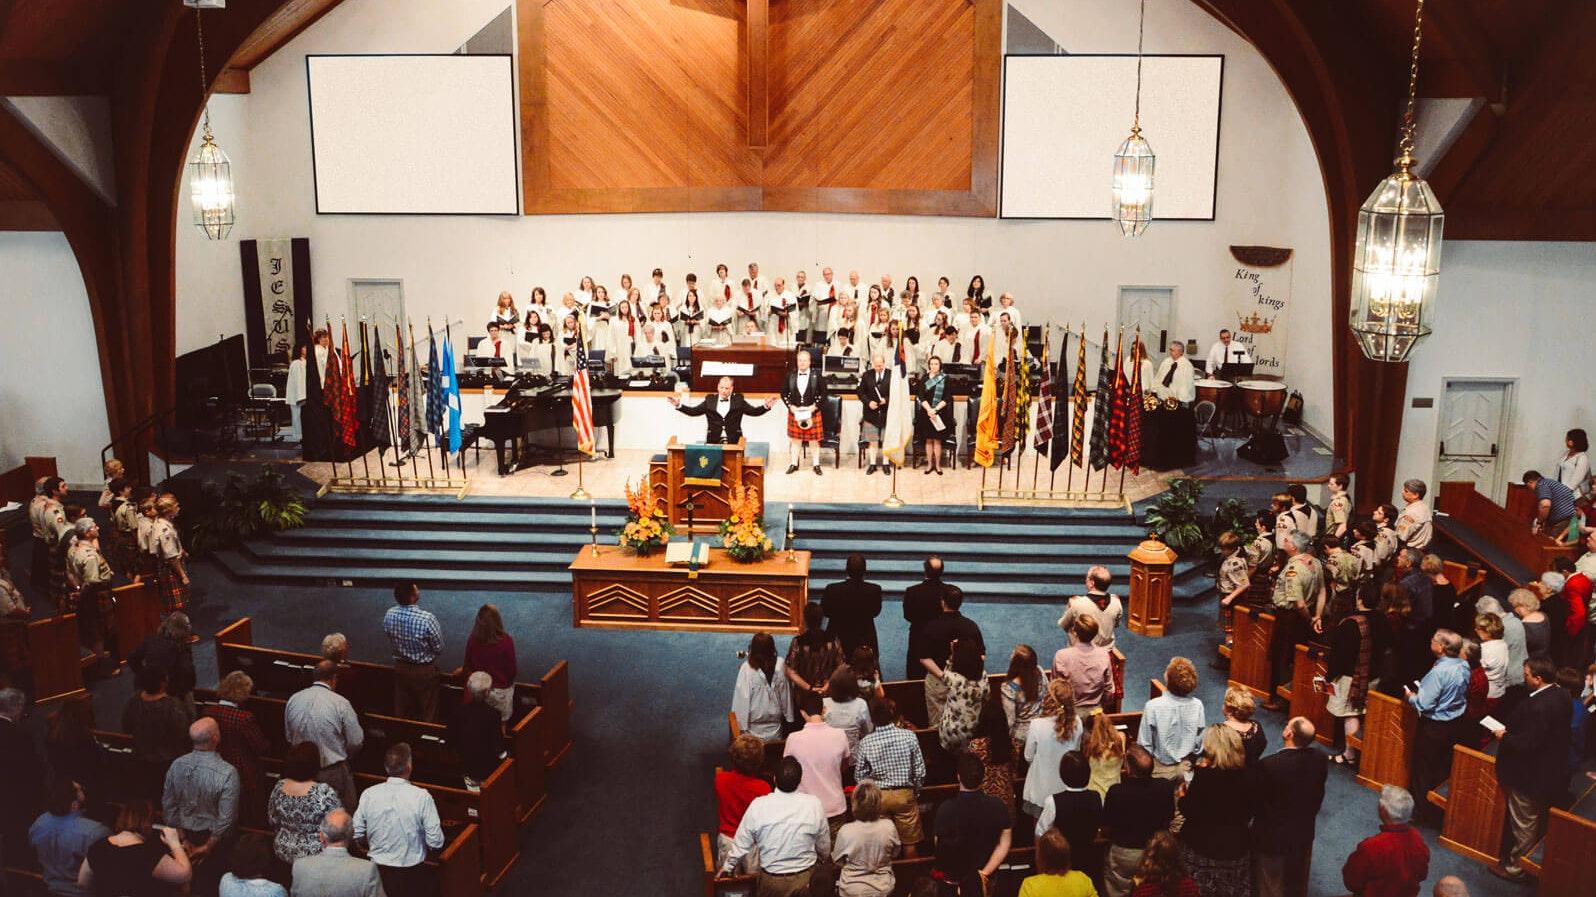 Saxe Gotha Presbyterian Church traditional service